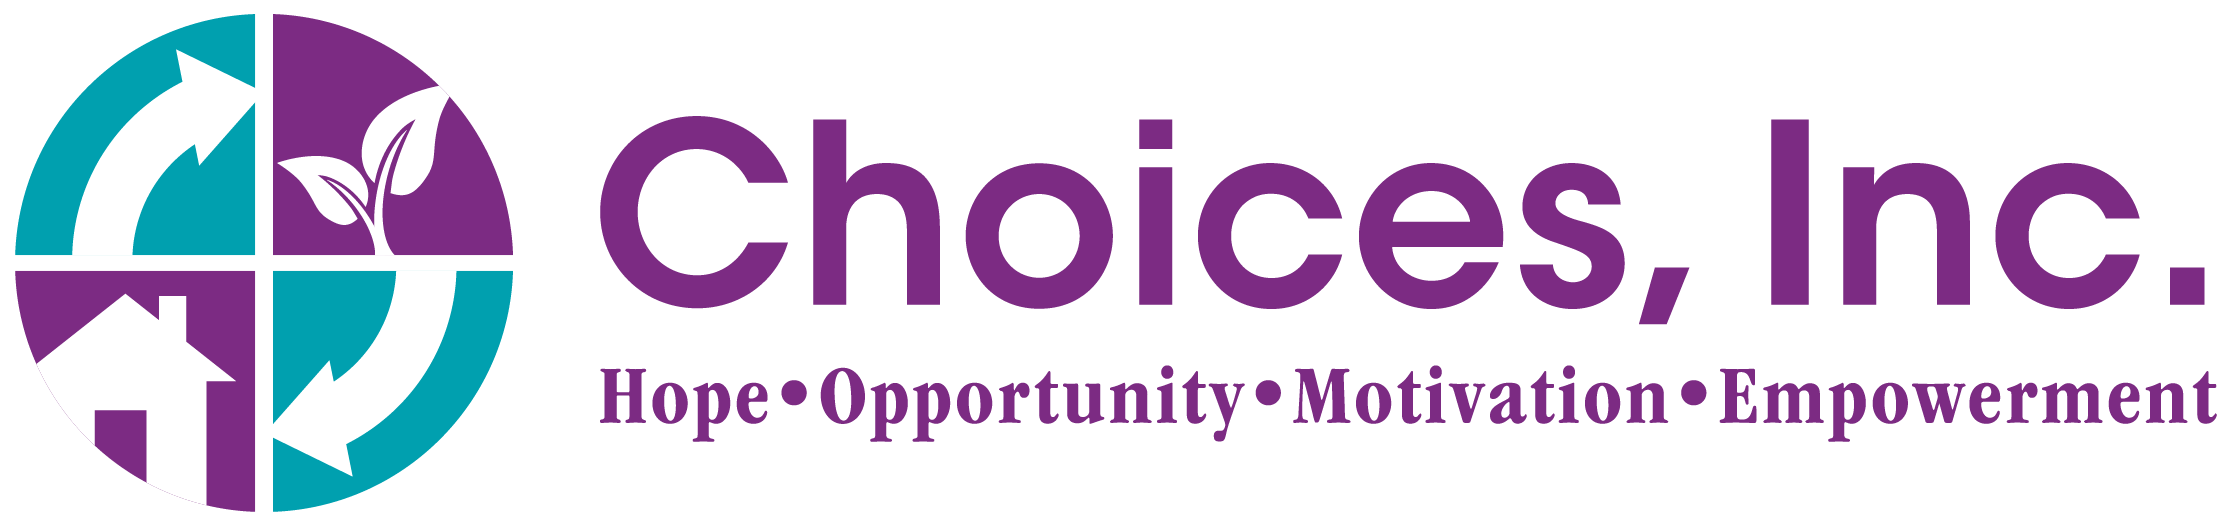 ChoicesInc_2col_RGB_trans